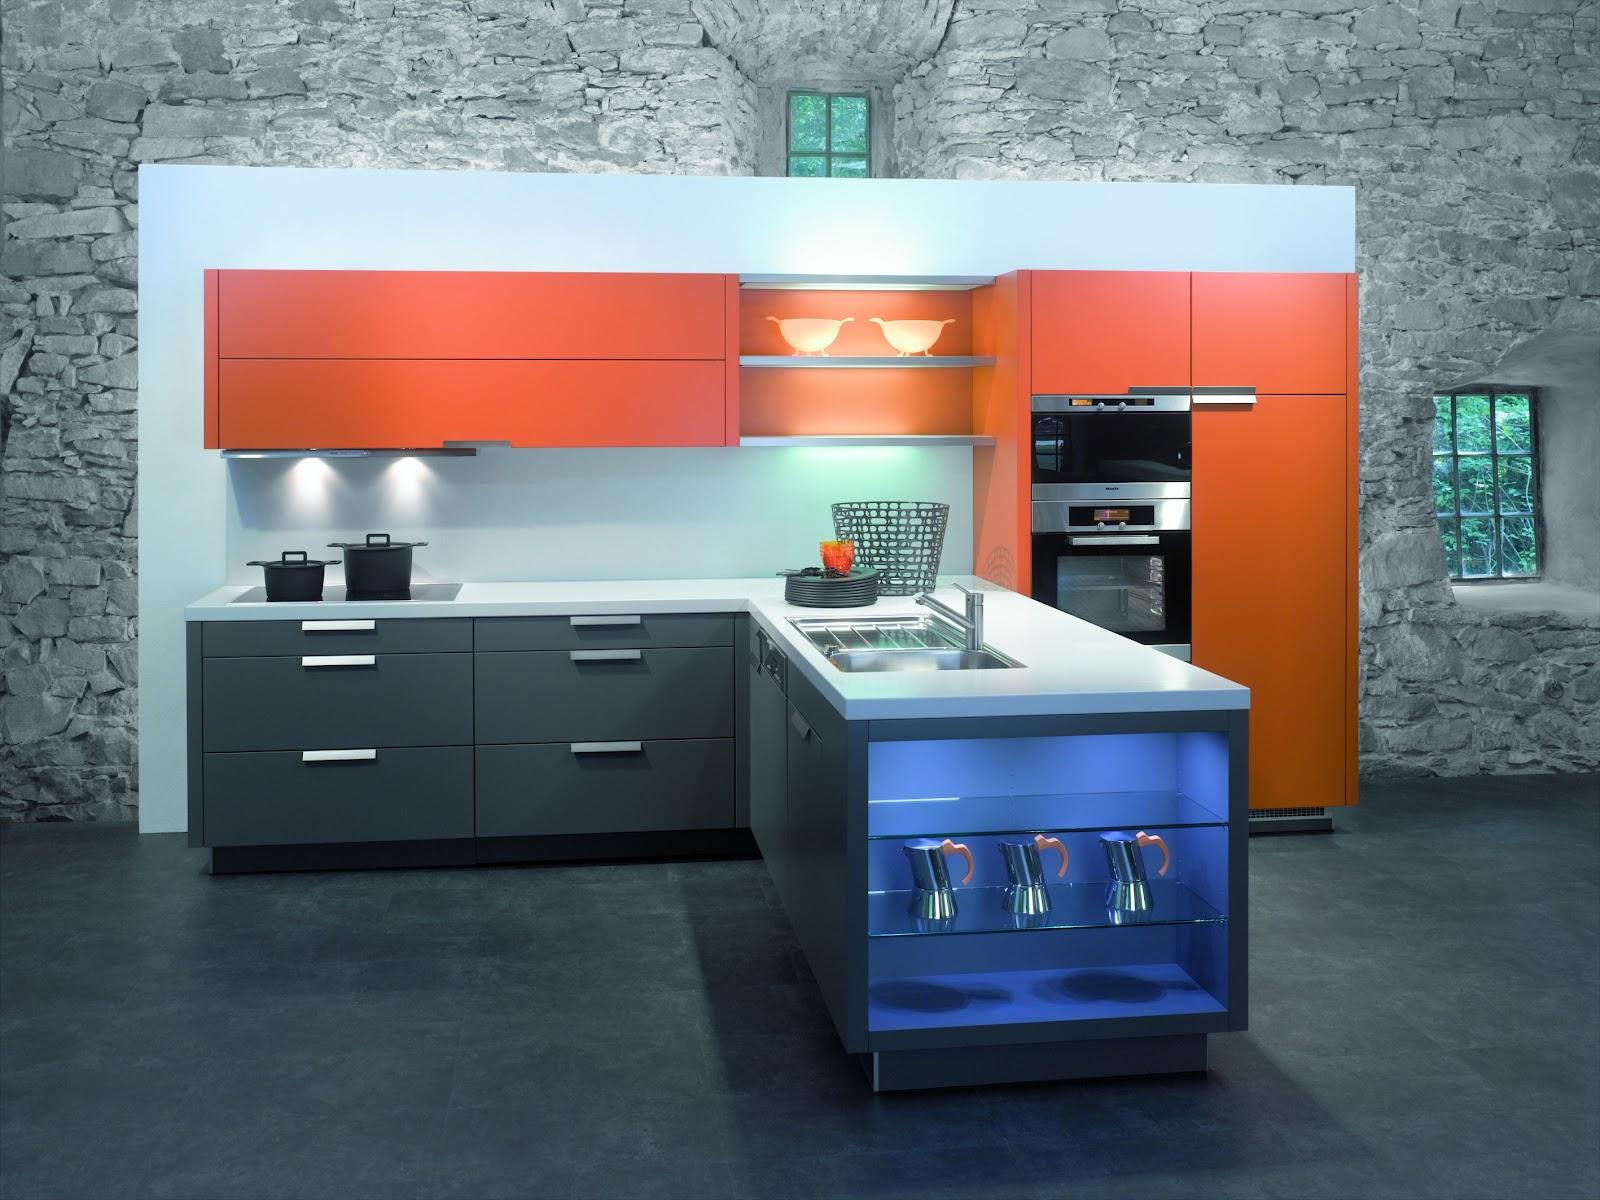 Lucas Designer de Interiores: Referências Projetos de Cozinha #8C4210 1600 1200